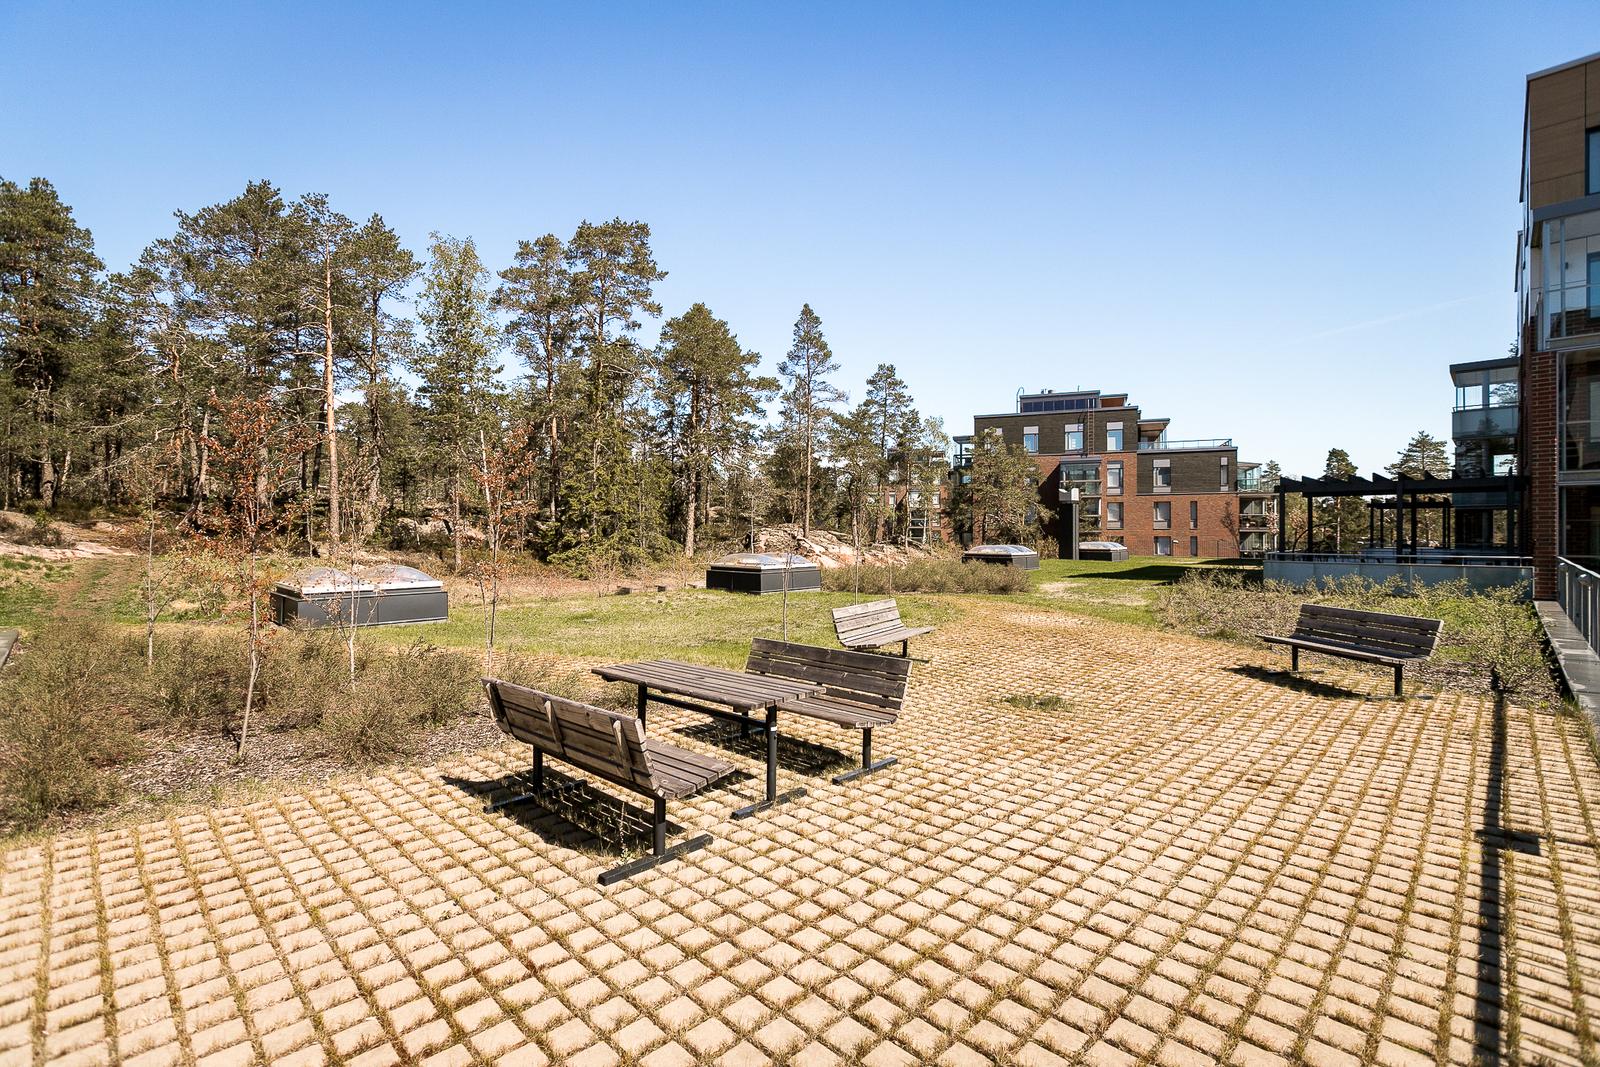 Autohallin katolla on asukkaille virkistys- ja ulkoilutilaa puistoalueen vieressä. title=